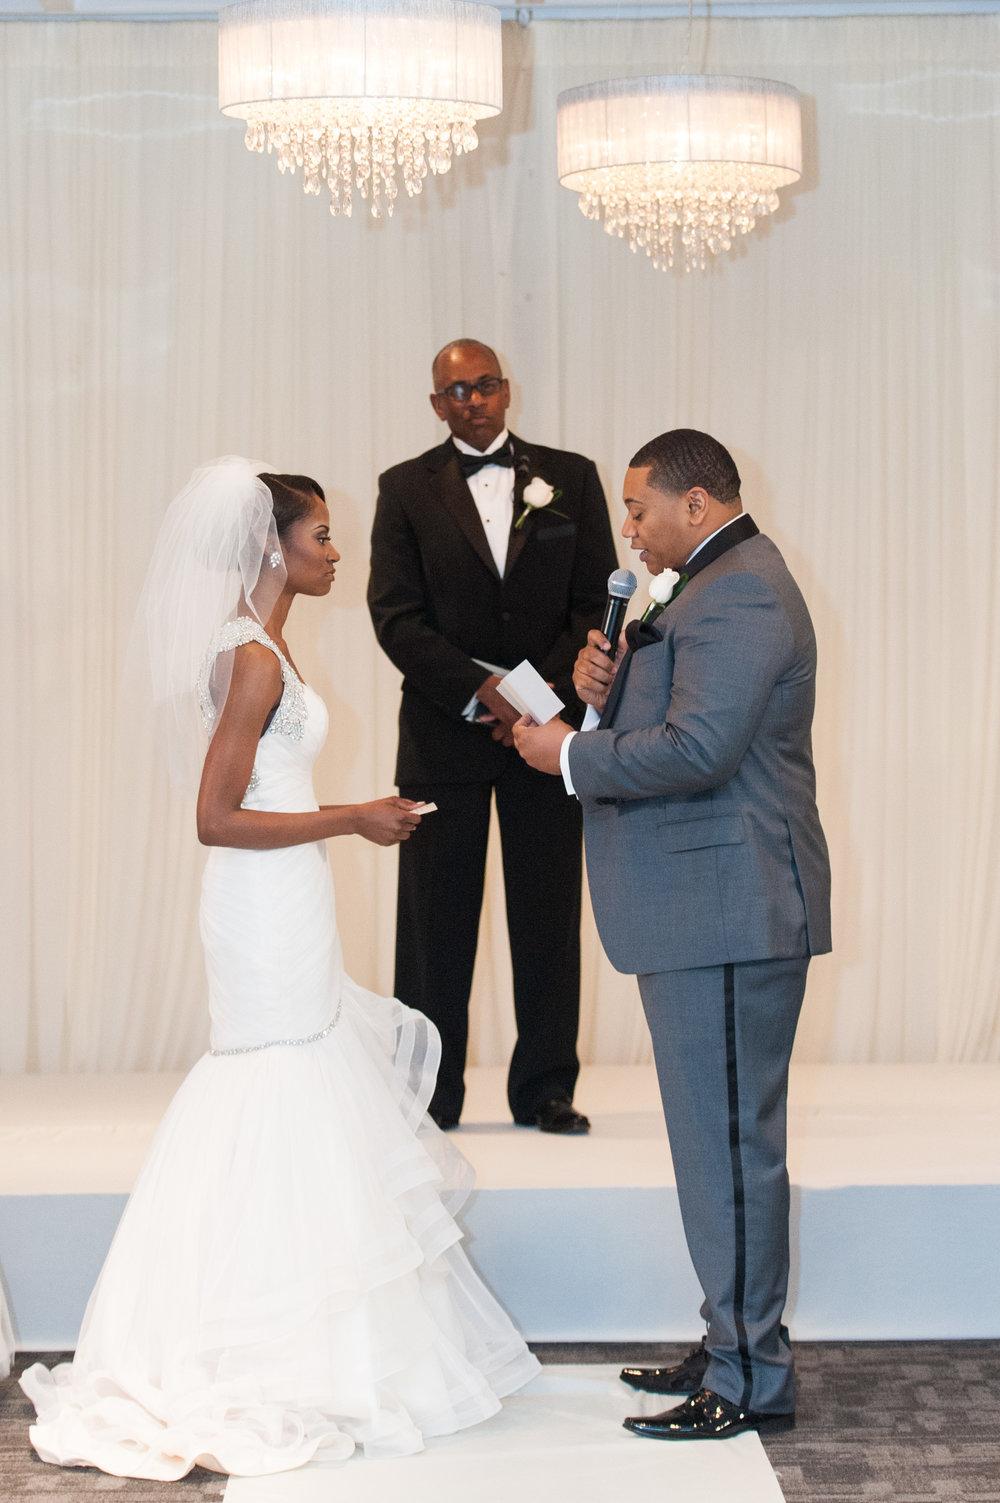 wedding anniversary q&a new orleans wedding club xliv